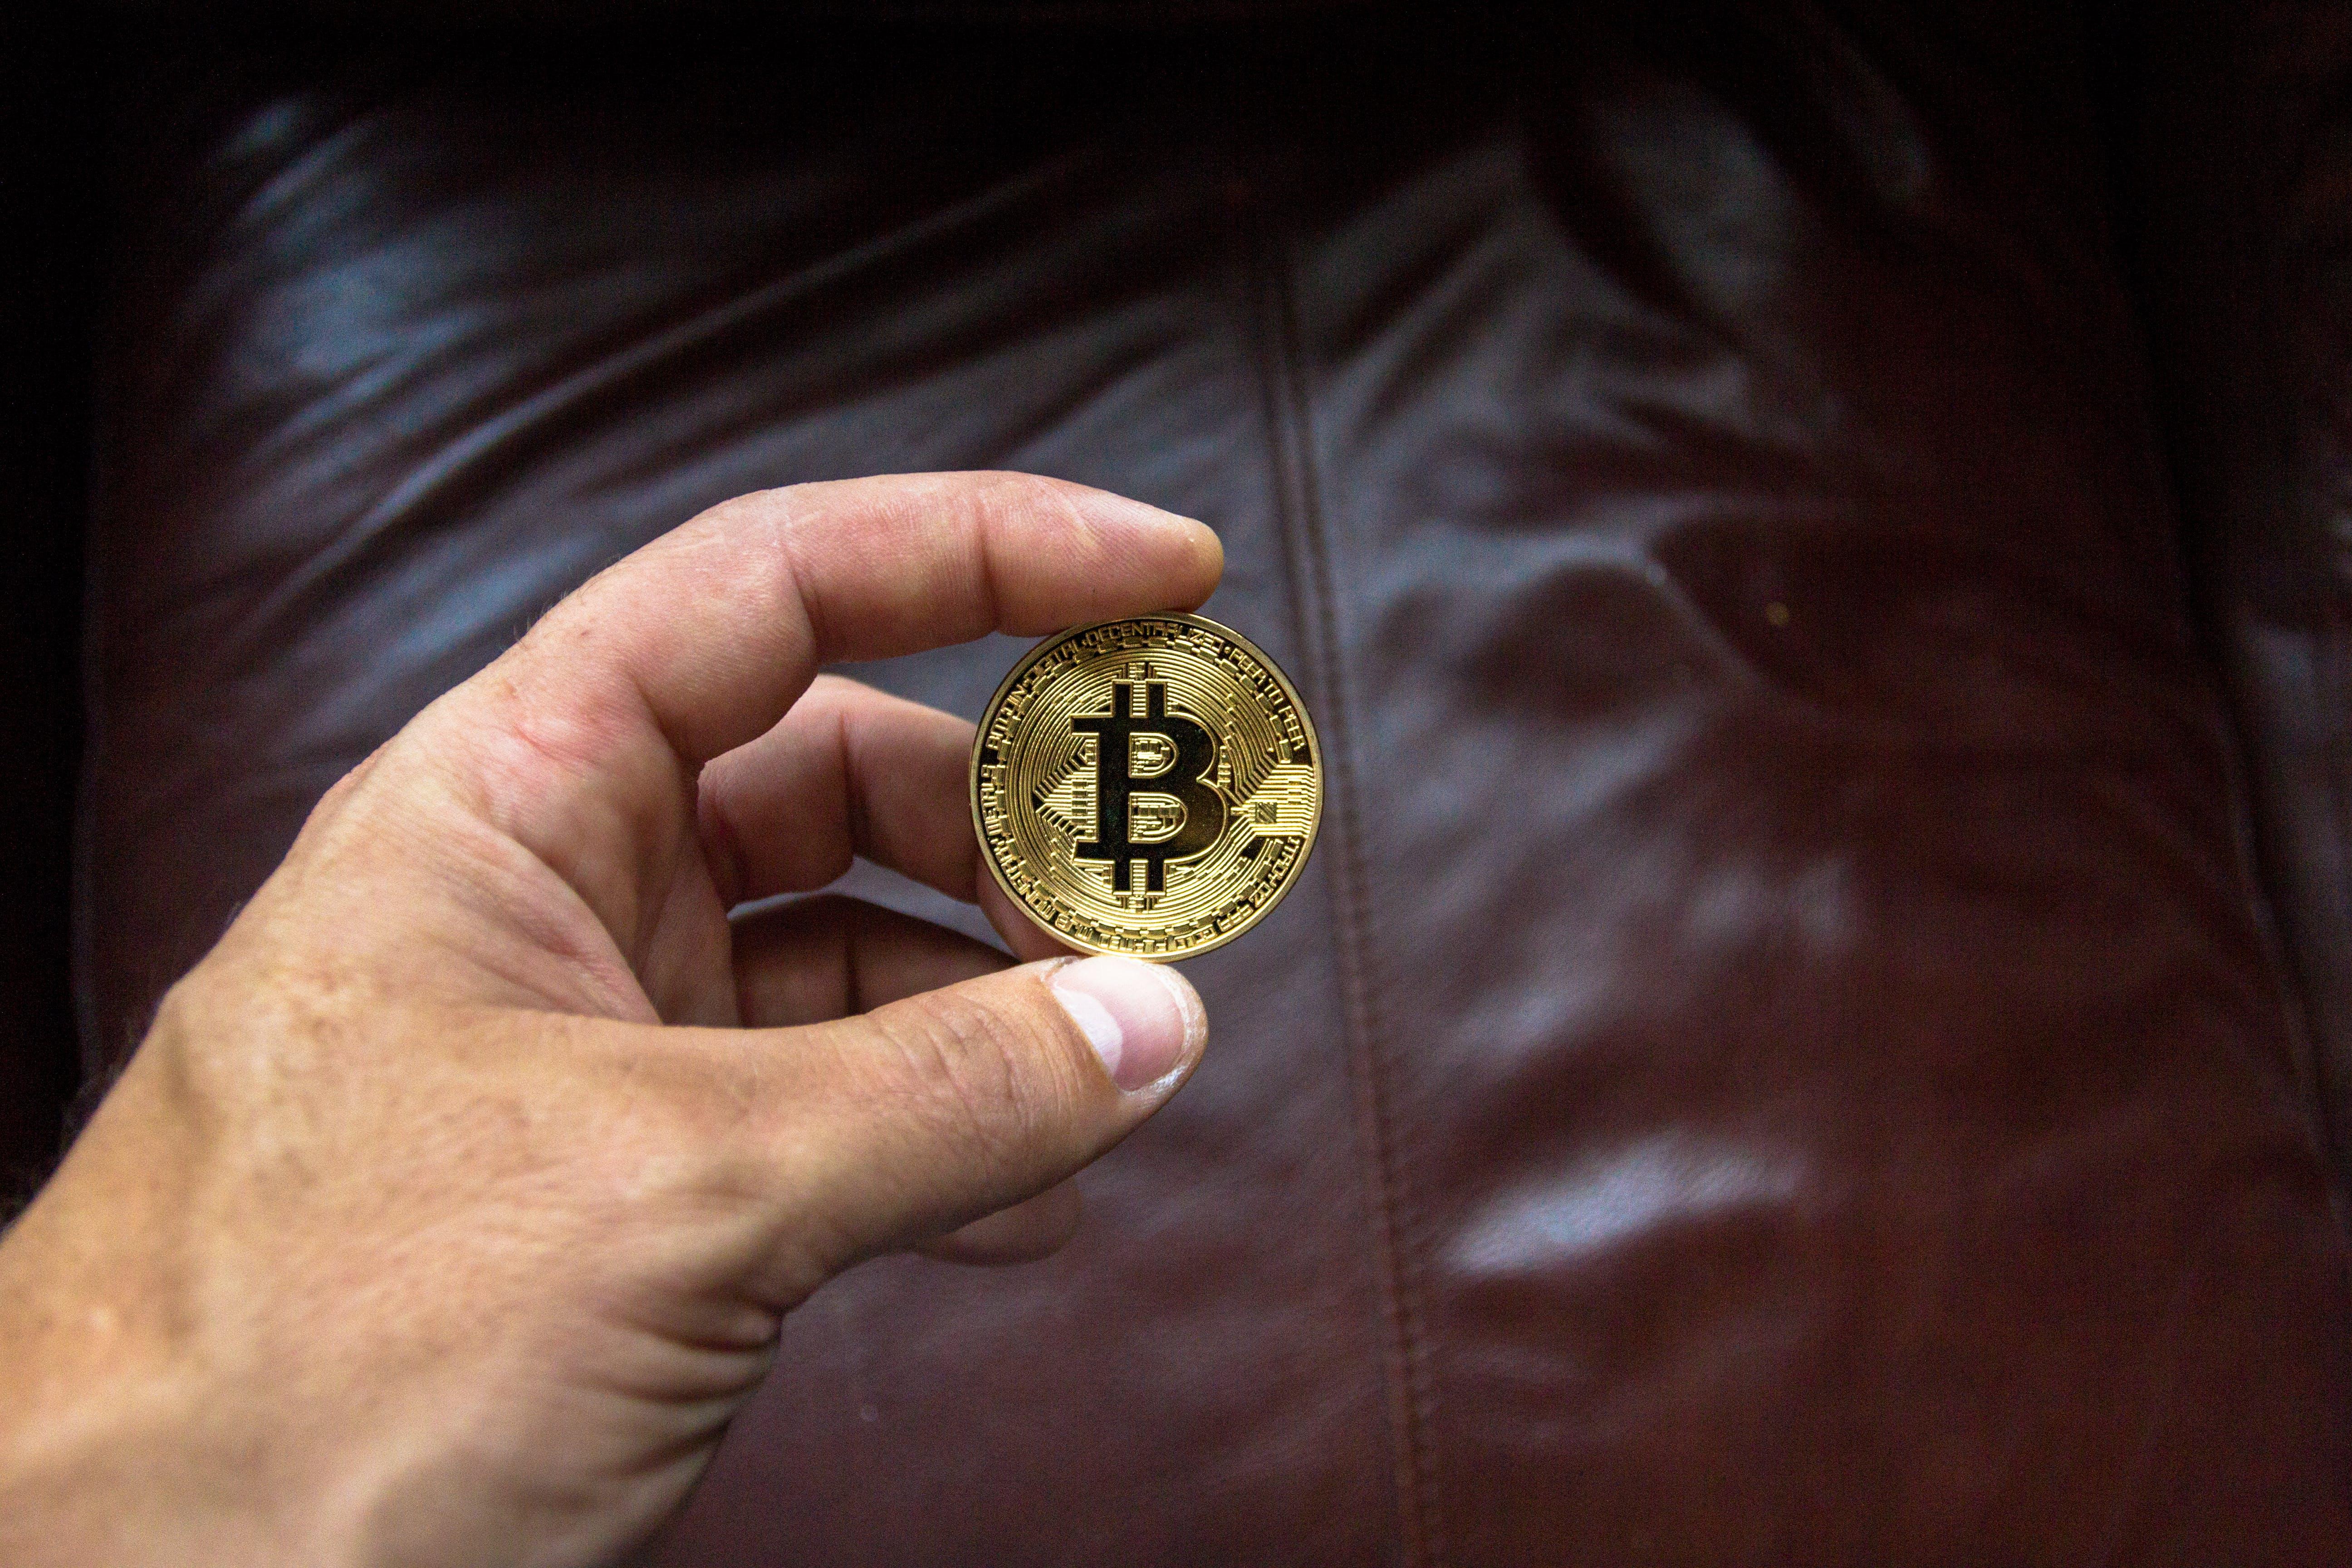 bitcoin, blockchain, gold